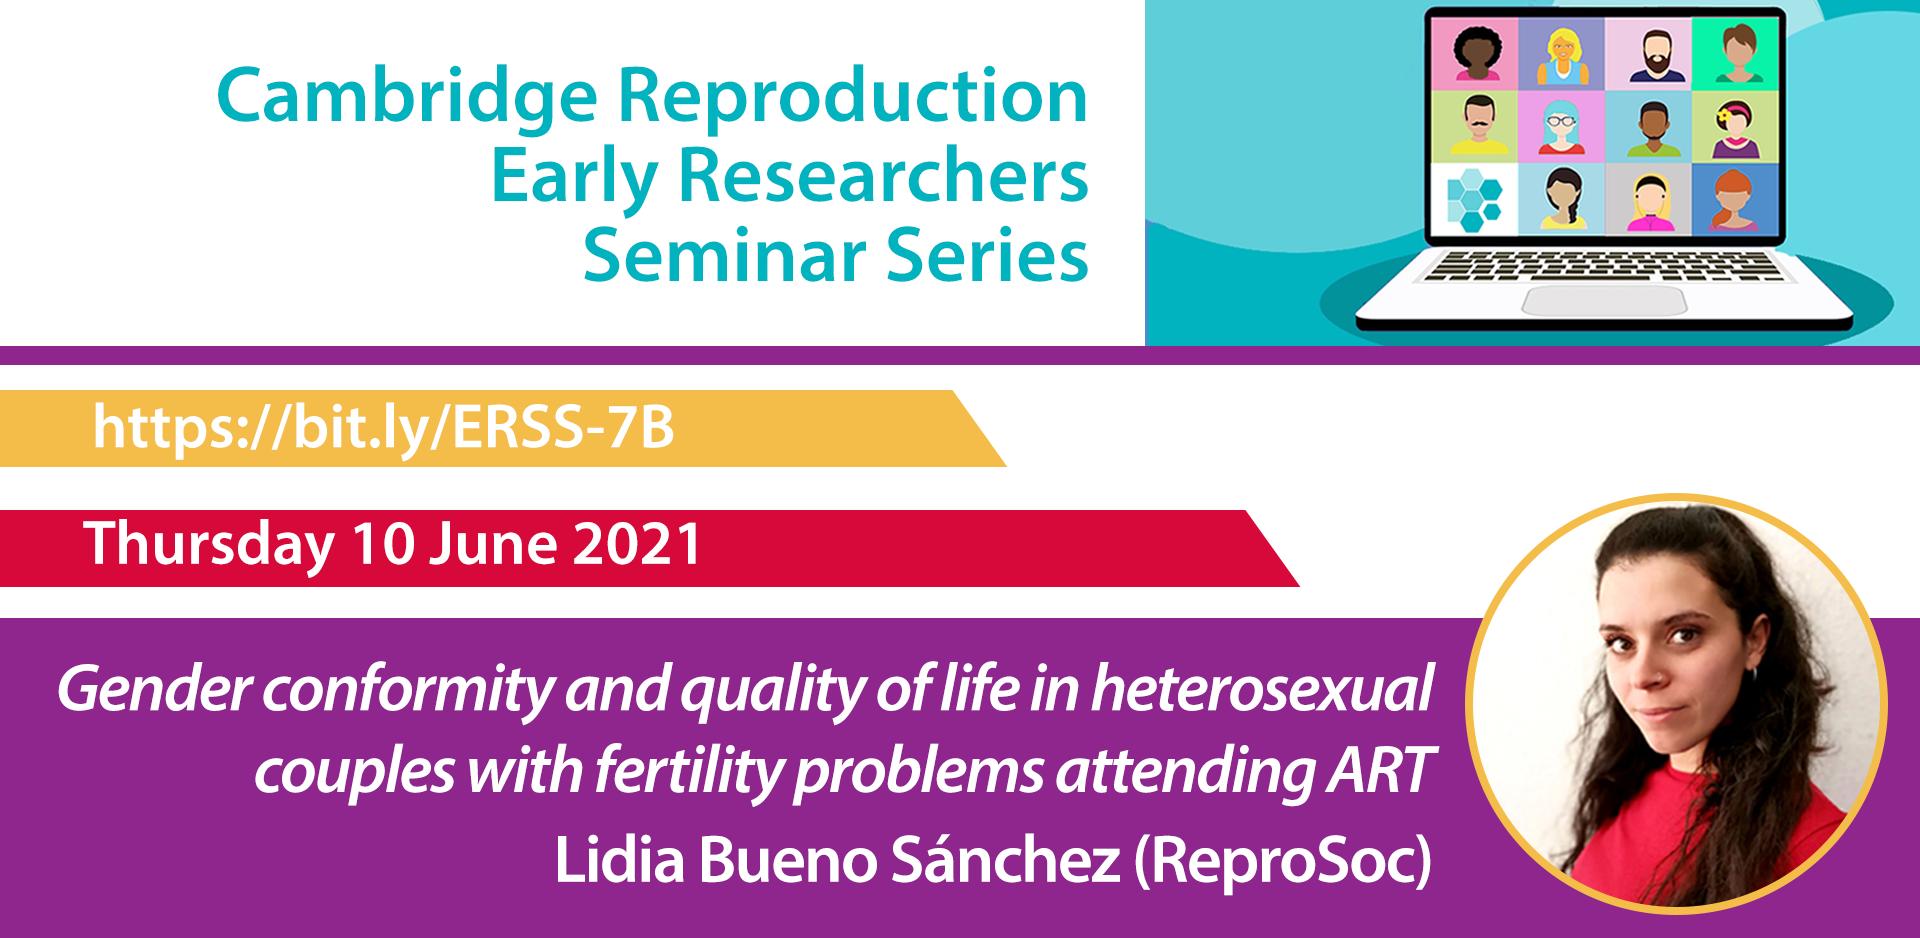 ERSS 10 June 2021 Lidia Bueno Sanchez